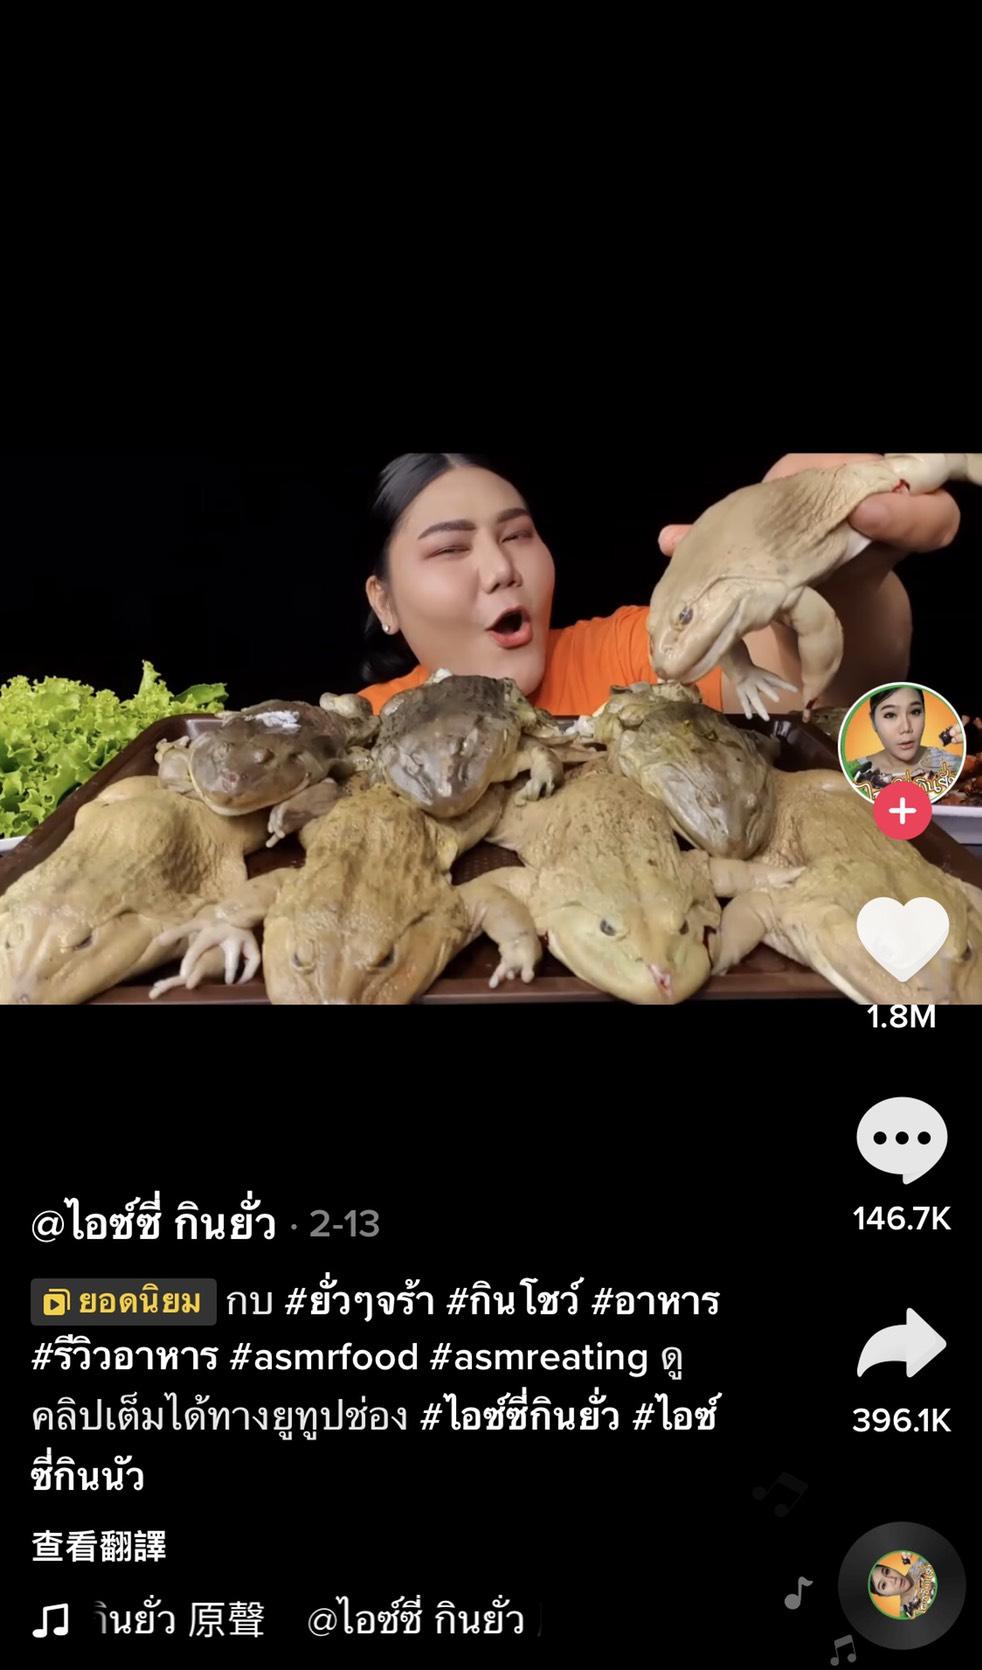 驚嚇!泰網紅吃播「水煮牛蛙」 百萬人嚇歪:不怕染病?